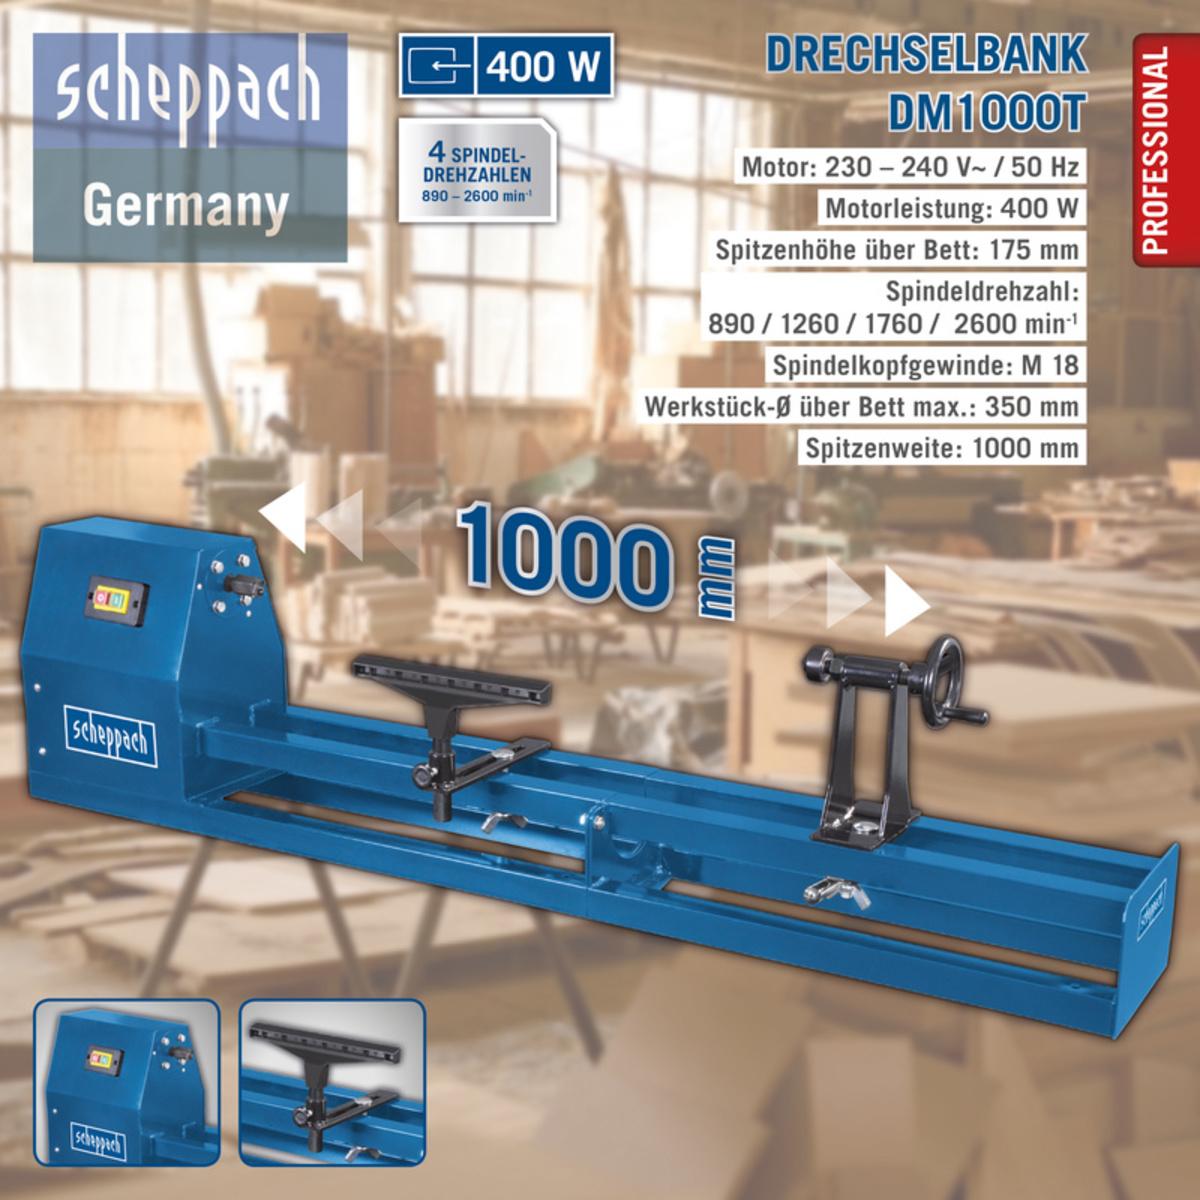 scheppach drechselbank dm1000t von norma für 119 € ansehen